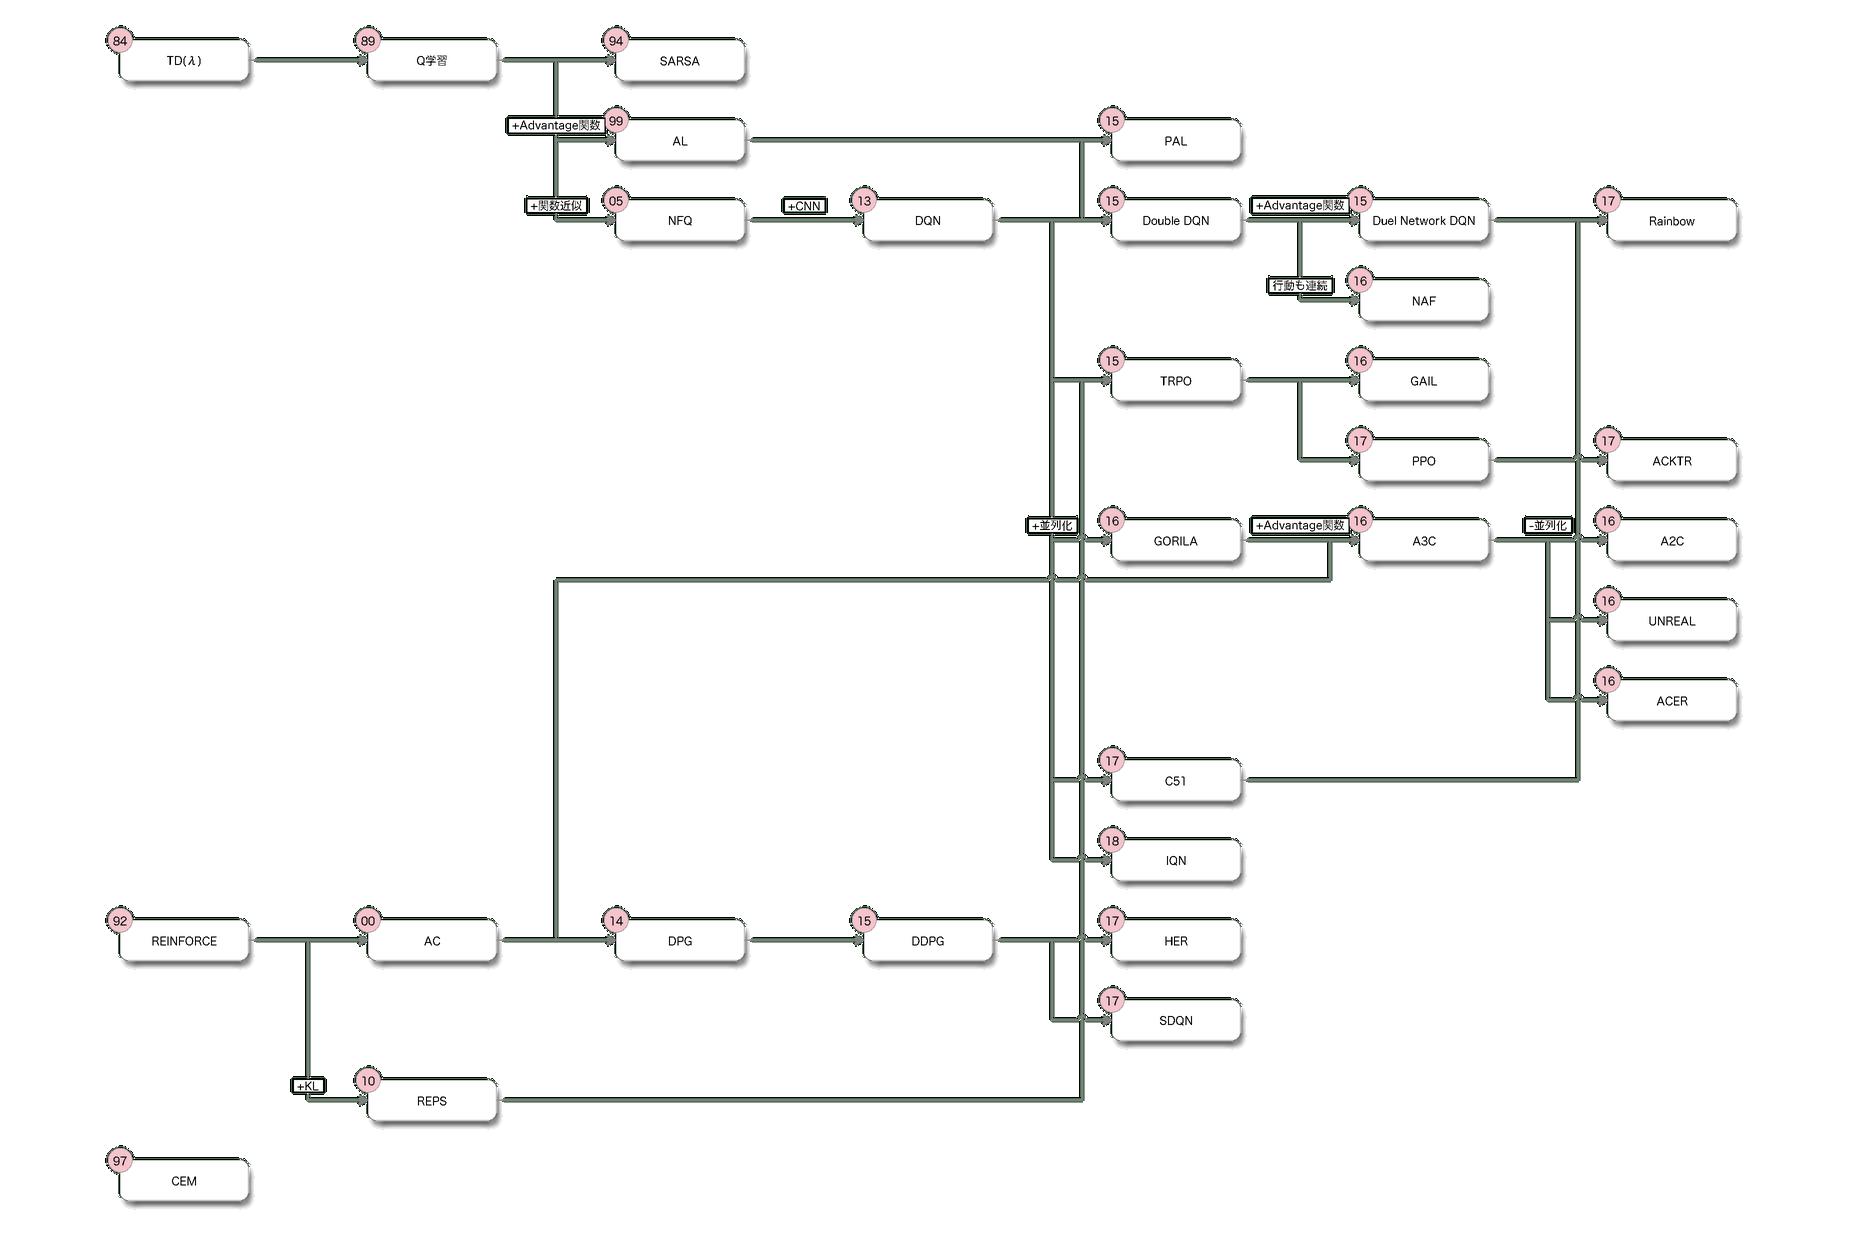 強化学習の系図 - Qiita